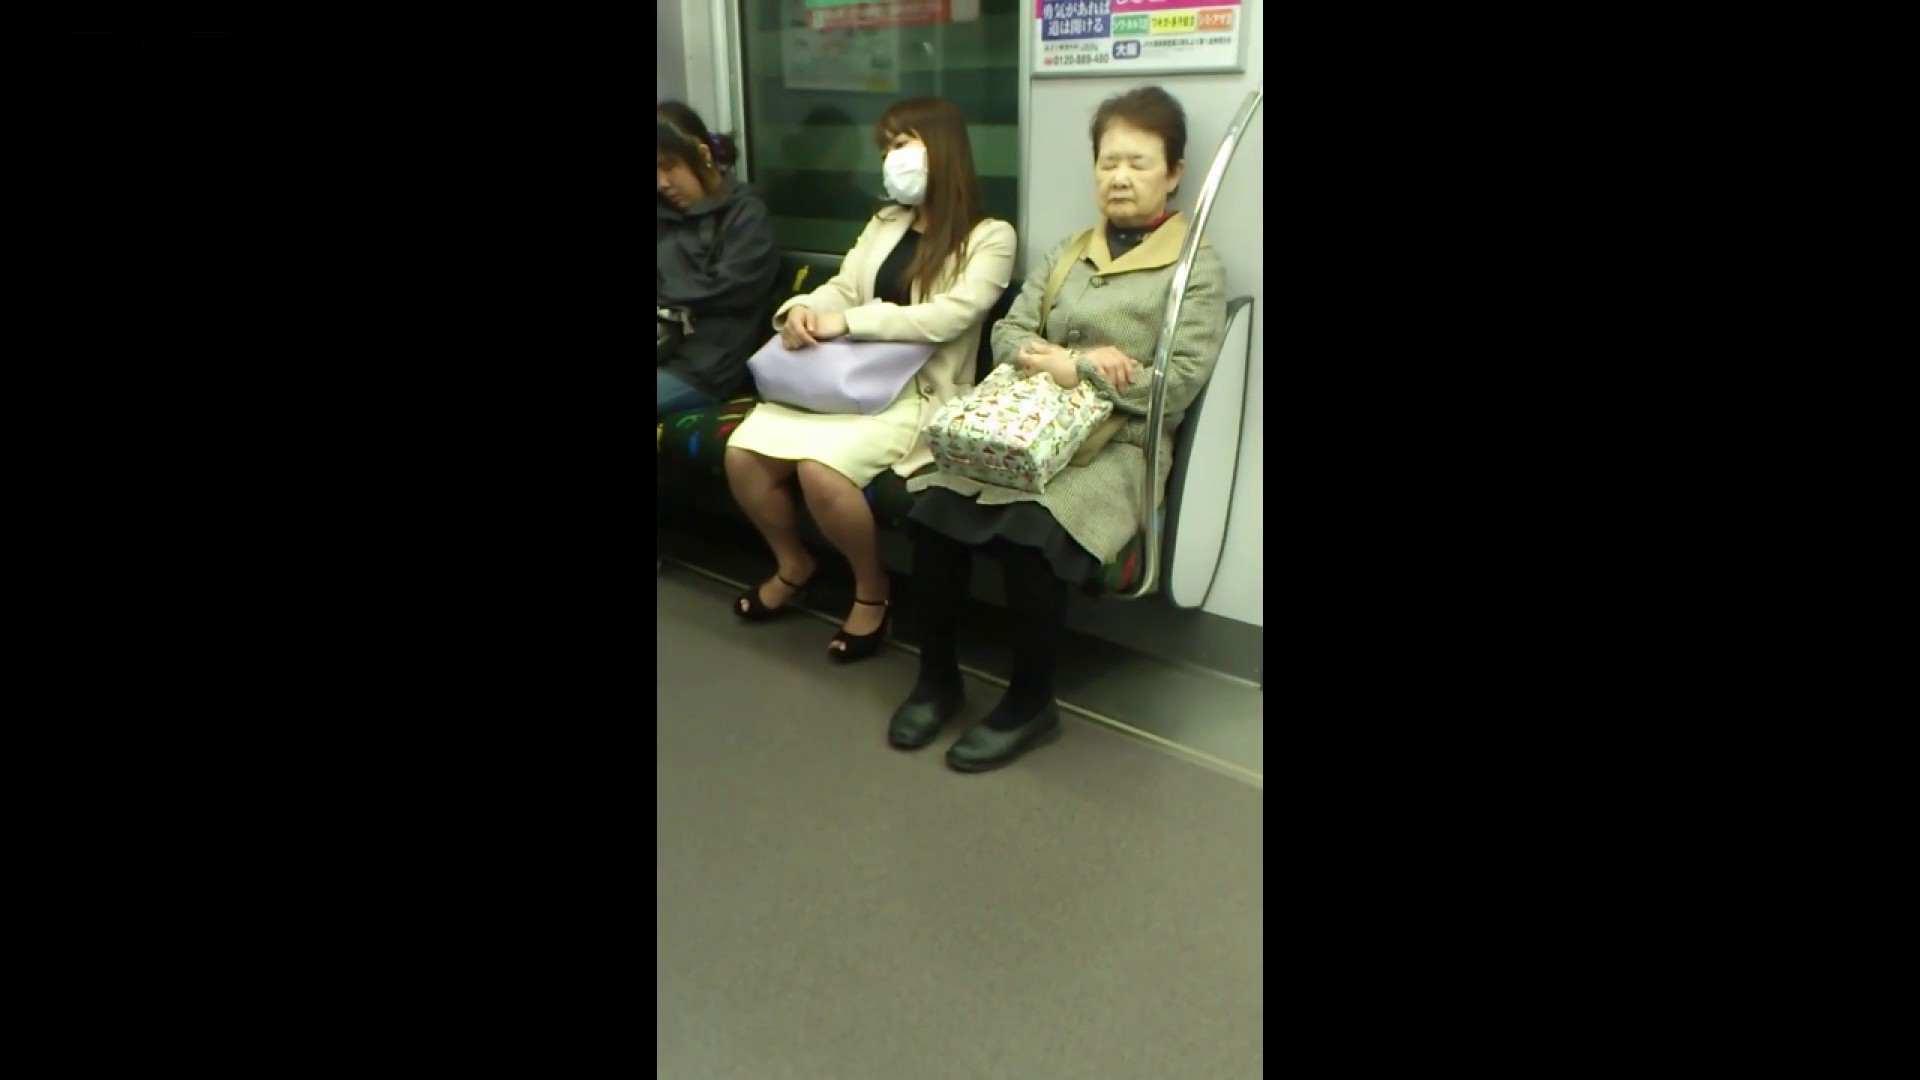 盗撮列車 Vol.55 黄色の爽やかなスカートが大好きです。 むっちりガール  89枚 84